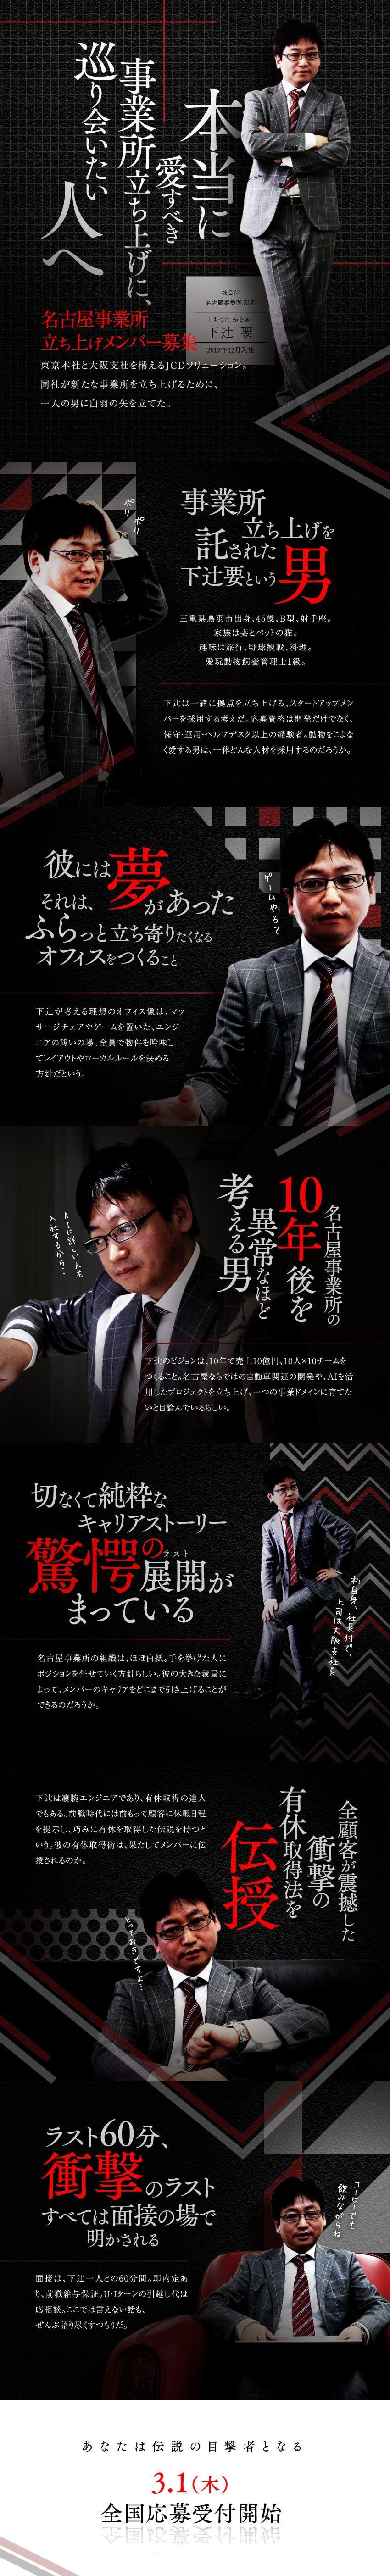 株式会社jcdソリューション 開発エンジニア 名古屋事業所立ち上げメンバー 大阪支社も募集 前職給与保証 残業月平均20h以内の求人pr 転職ならdoda デューダ エンジニア Lp デザイン ソリューション